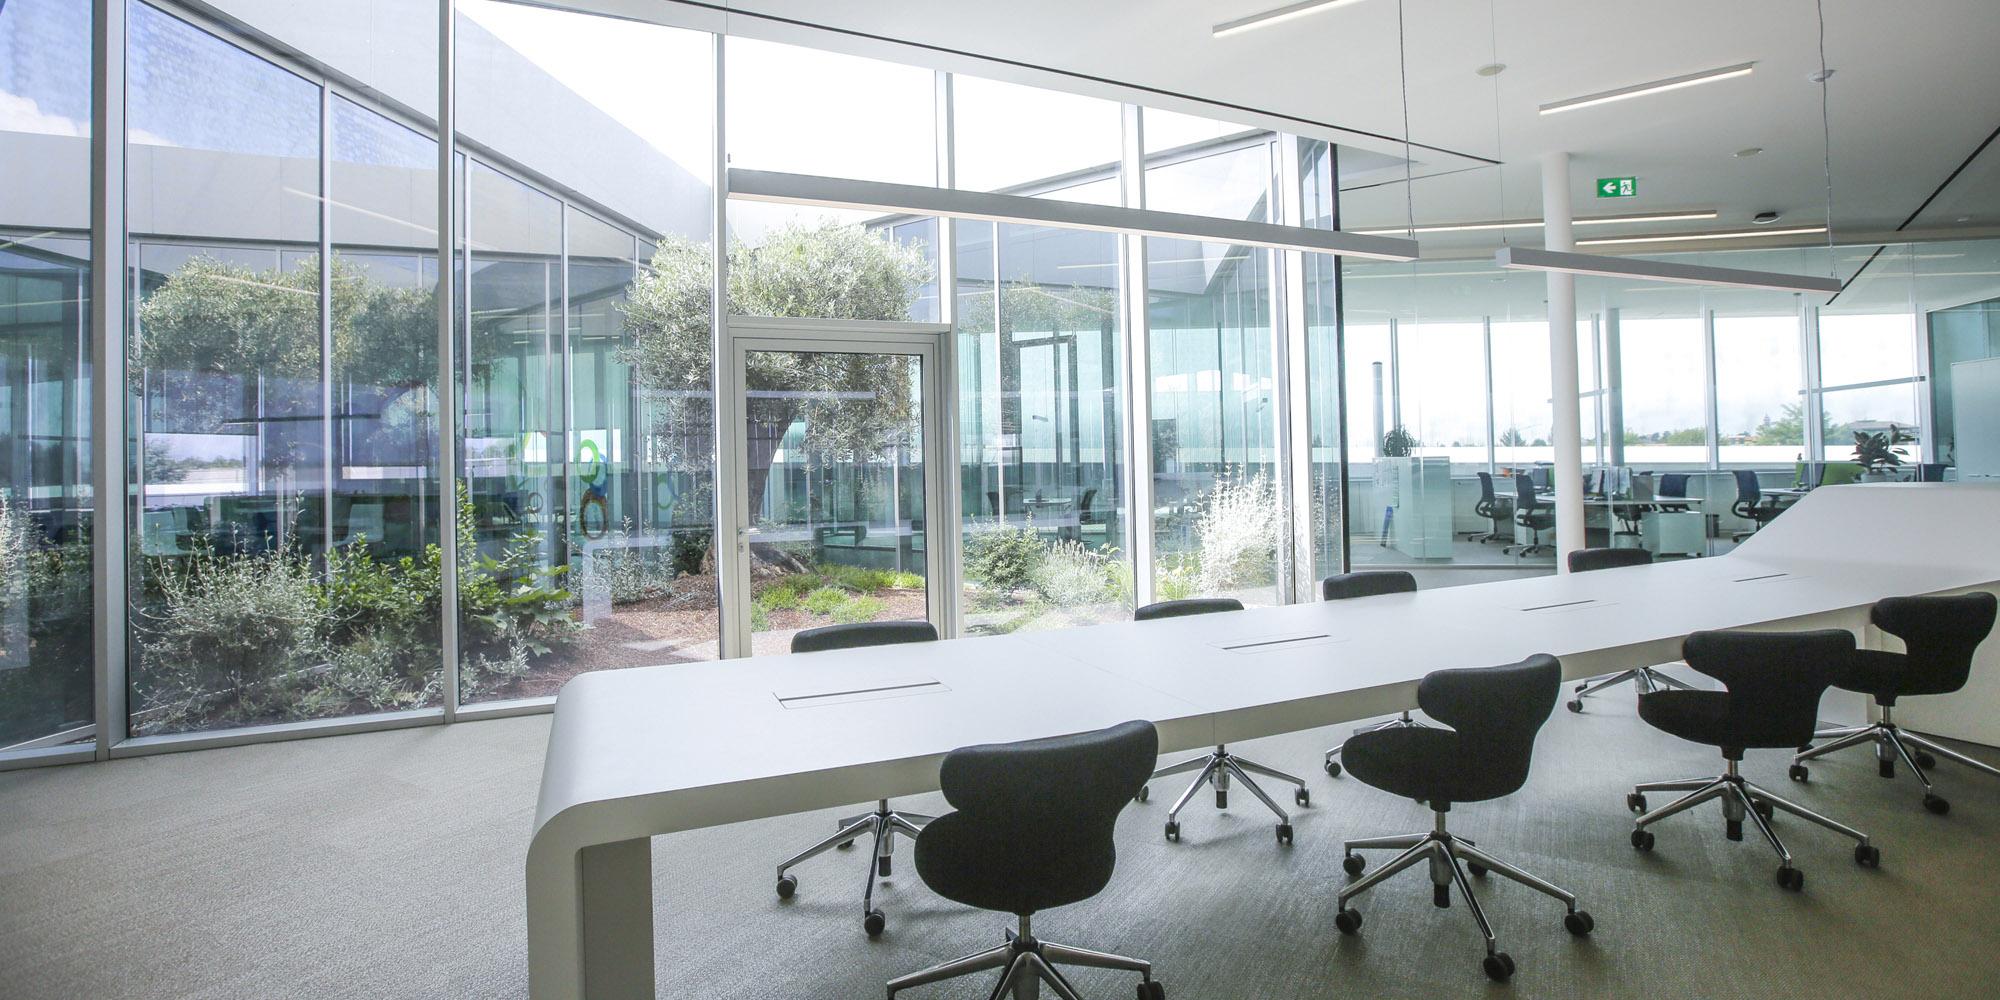 Interni - uffici